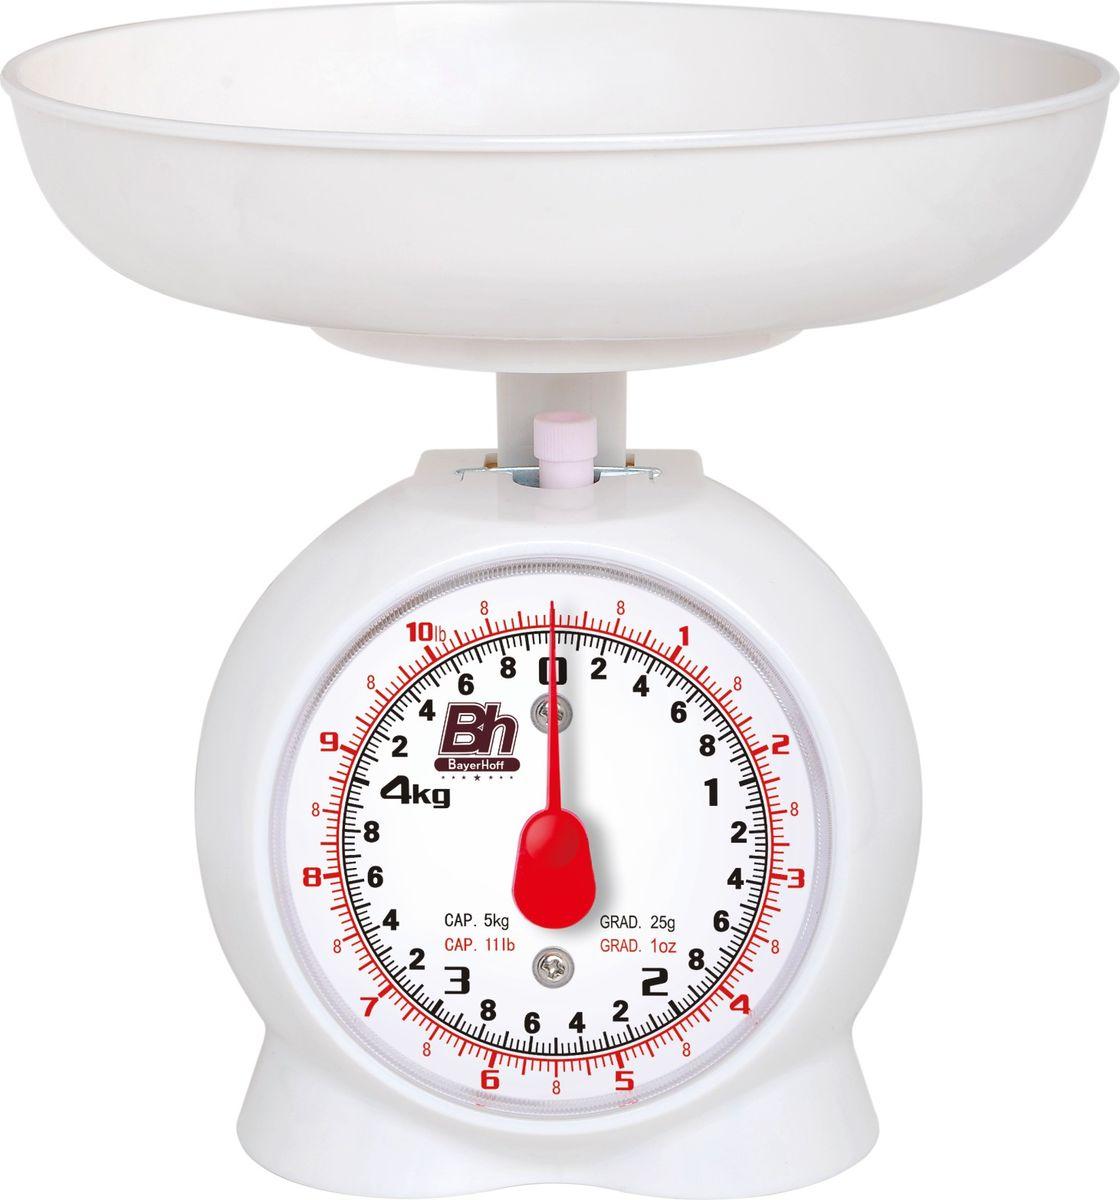 Весы кухонные механические Bayerhoff, цвет: белый, до 5 кгBH-5148Механические кухонные весы Bayerhoff, выполненные из высокопрочного пластика и металла, с большой, хорошо читаемой шкалой и съемной чашей, придутся по душе каждой хозяйке и станут незаменимым аксессуаром на кухне. На шкале с шагом 50 г присутствуют единицы измерения в граммах и килограммах. Весы также дополнены таймером.В комплекте - пластиковая чаша. Весы складываются в чашу для компактного хранения.